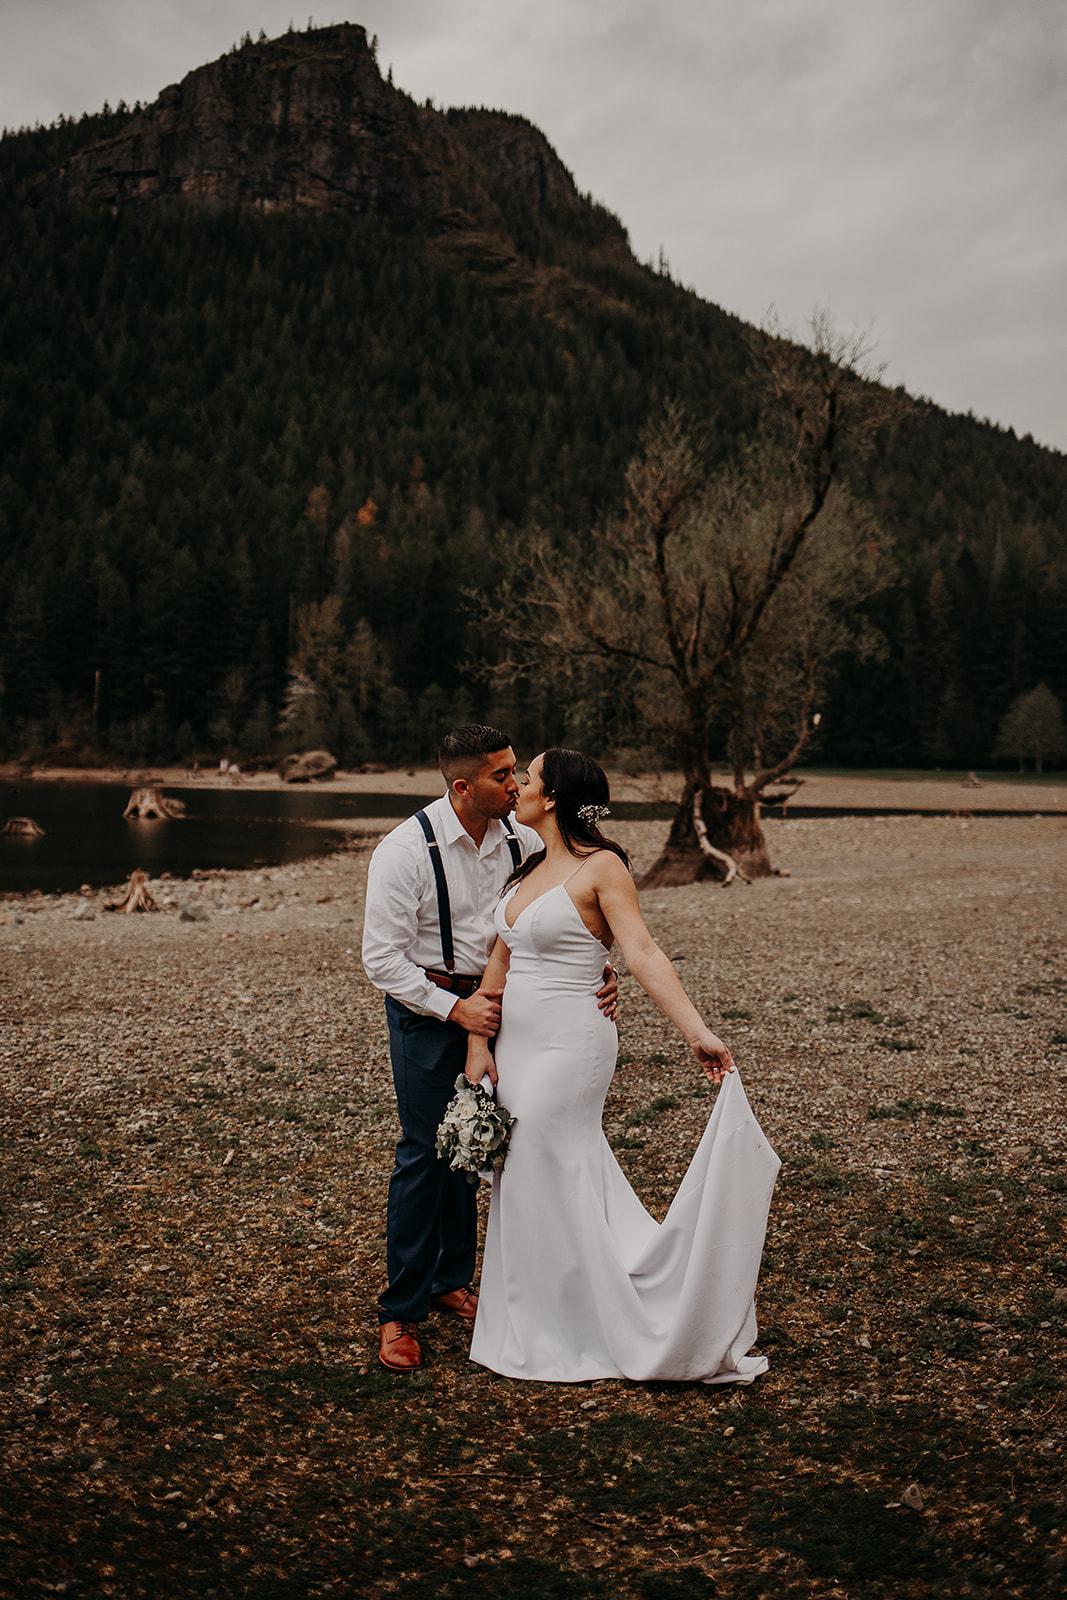 winter-mountain-elopement-asheville-wedding-photographer-megan-gallagher-photographer (67).jpg